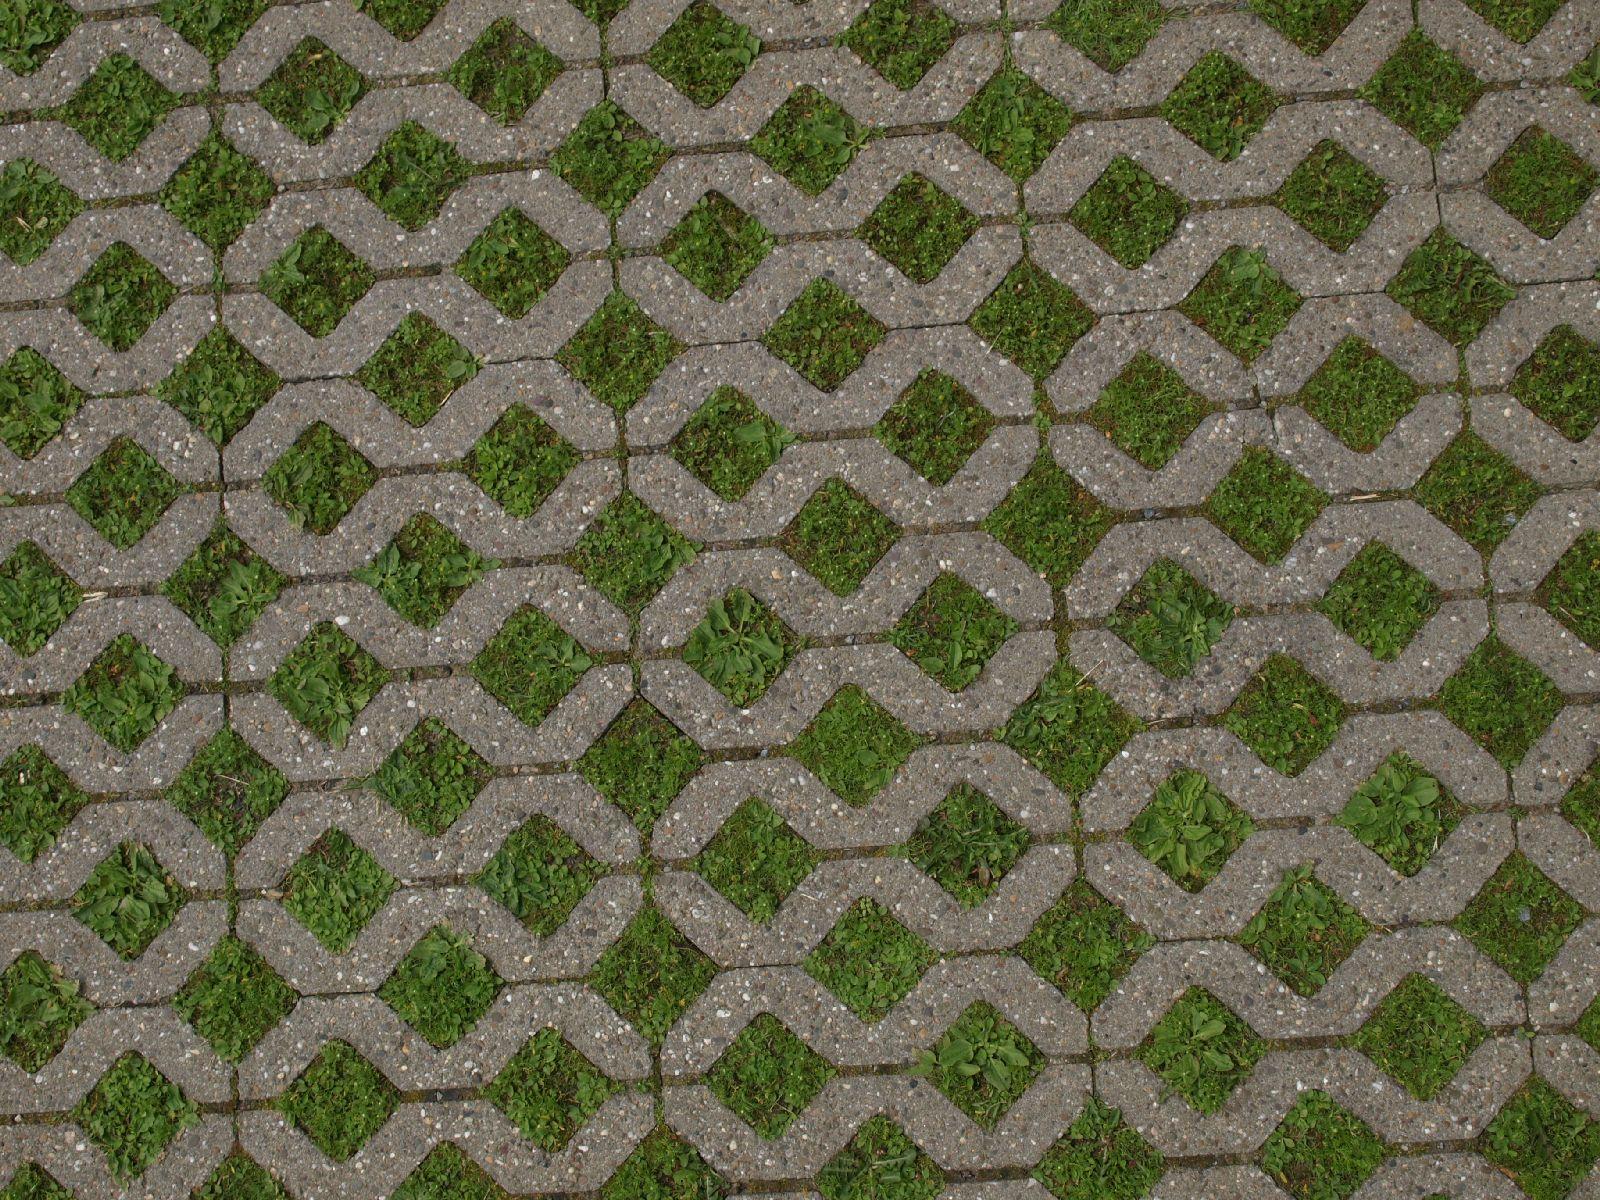 Ground-Urban_Texture_A_P5315630